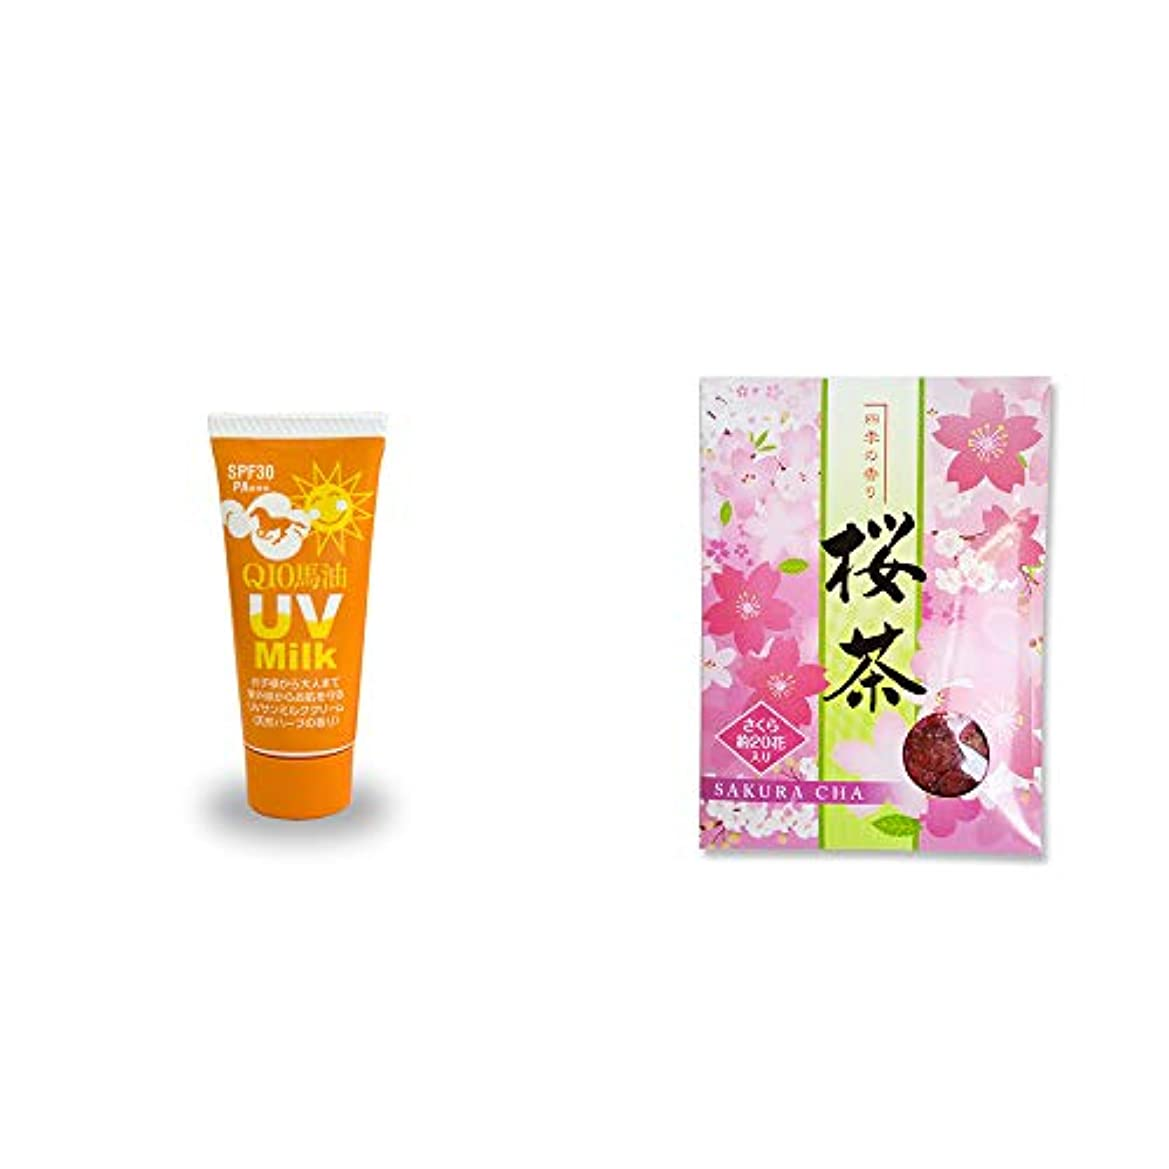 トランスペアレント合図ペルソナ[2点セット] 炭黒泉 Q10馬油 UVサンミルク[天然ハーブ](40g)?桜茶(40g)